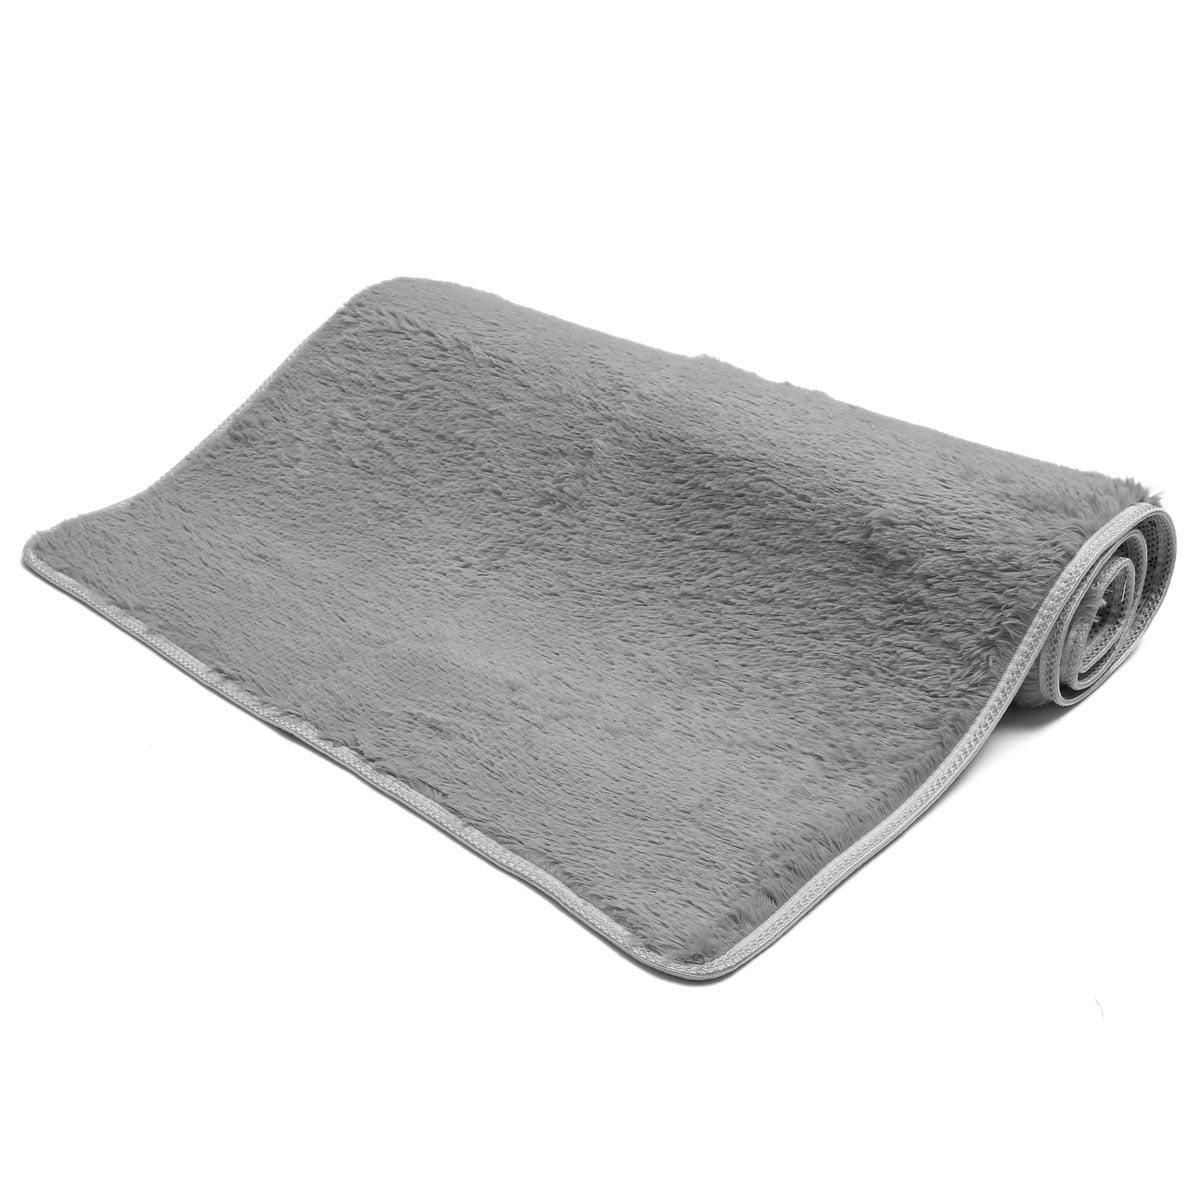 55x28 inch fluffy rugs shaggy area rug antiskid rug